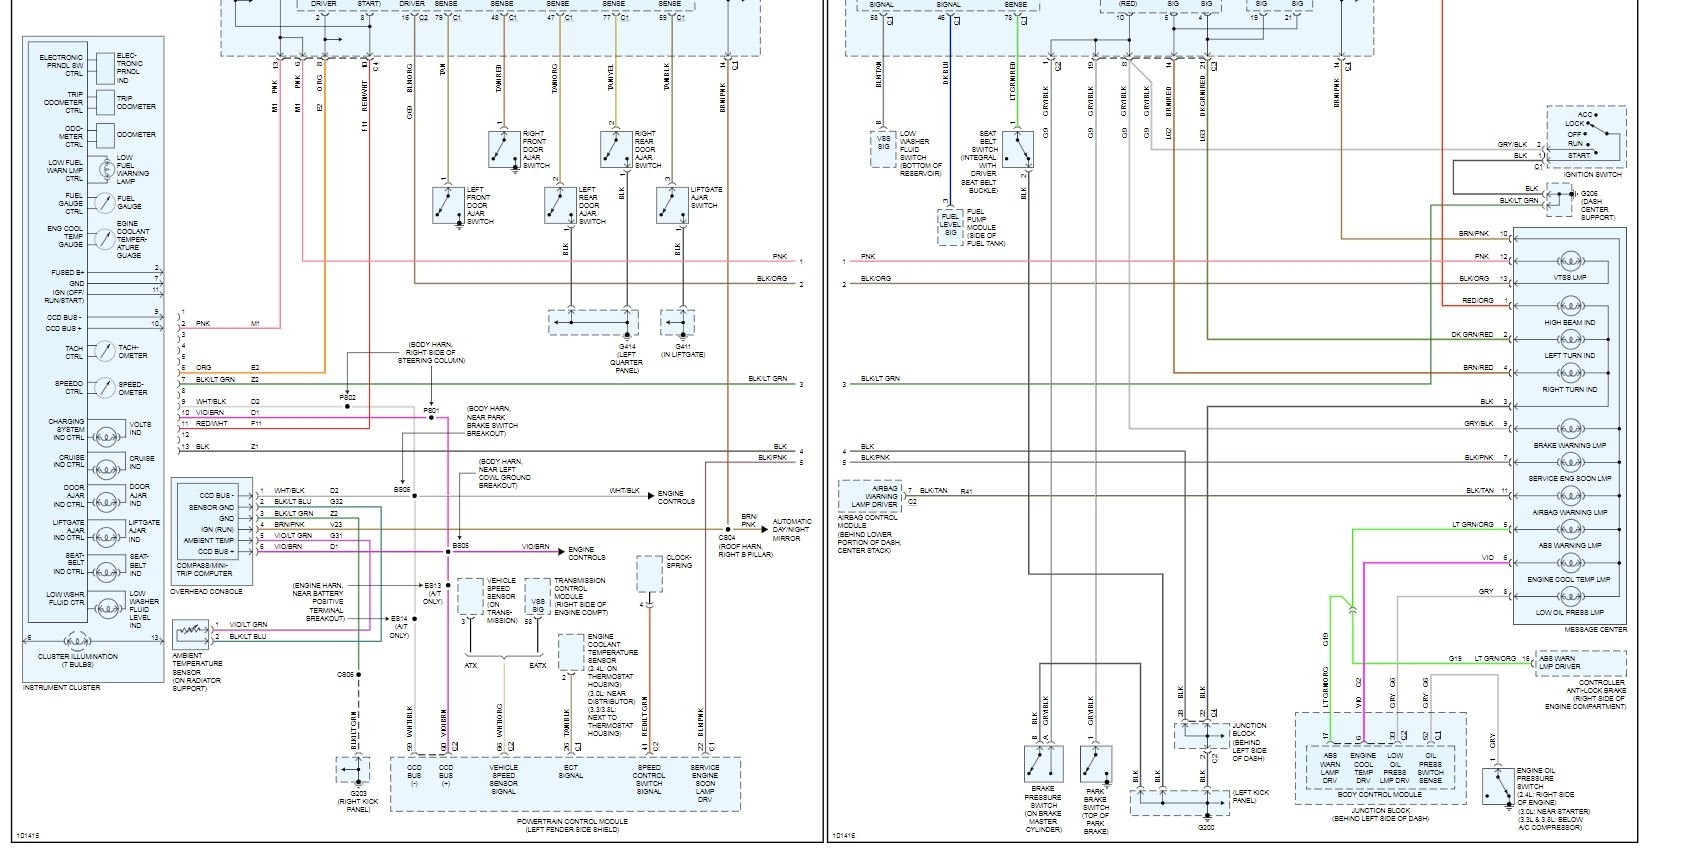 2001 grand caravan ac diagram 97 dodge caravan wiring diagram wiring diagram data  97 dodge caravan wiring diagram